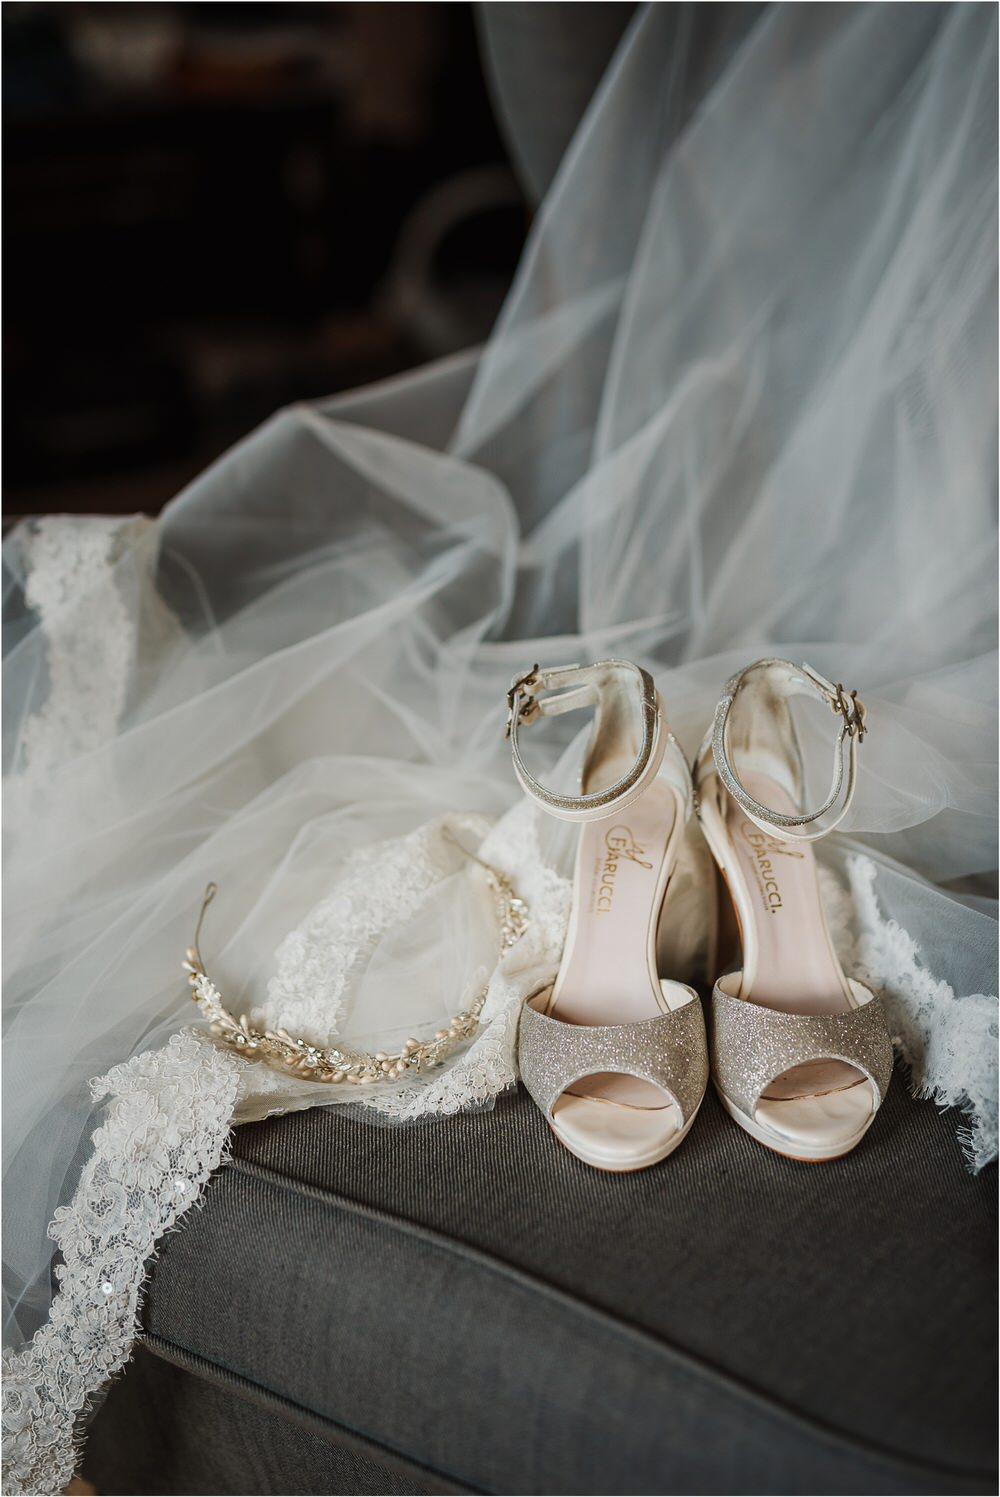 zicka kartuzija poroka porocni fotograf fotografija luka in ben loce elegantna poroka slovenski porocni fotograf  0005.jpg